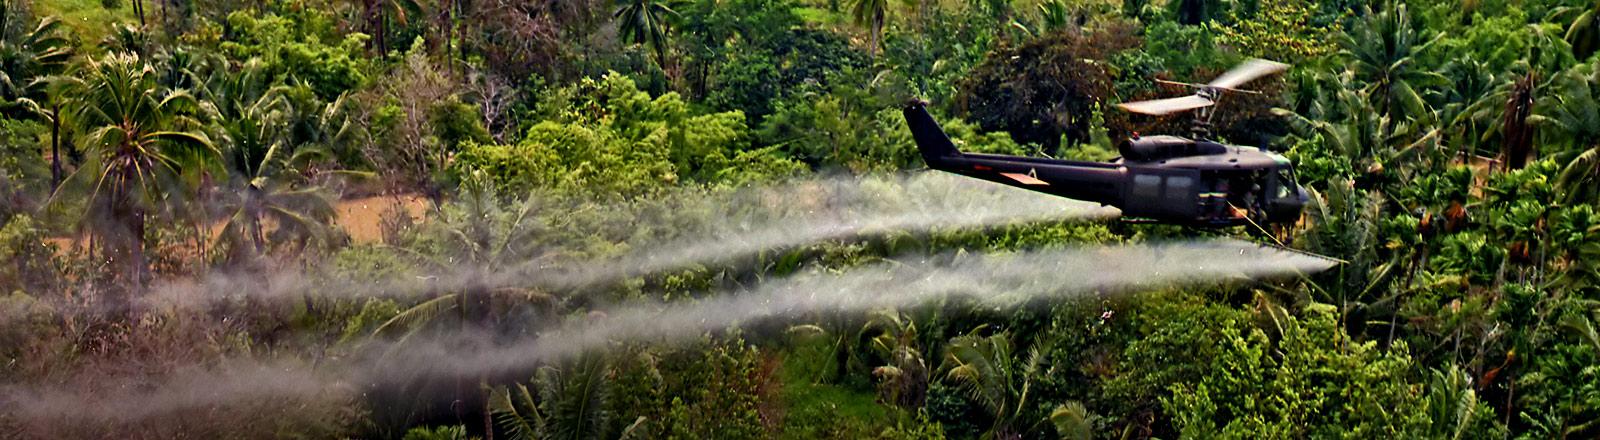 Ein Hubschrauber versprüht im Vietnamkrieg das Entlaubungsmittel Agent Orange.